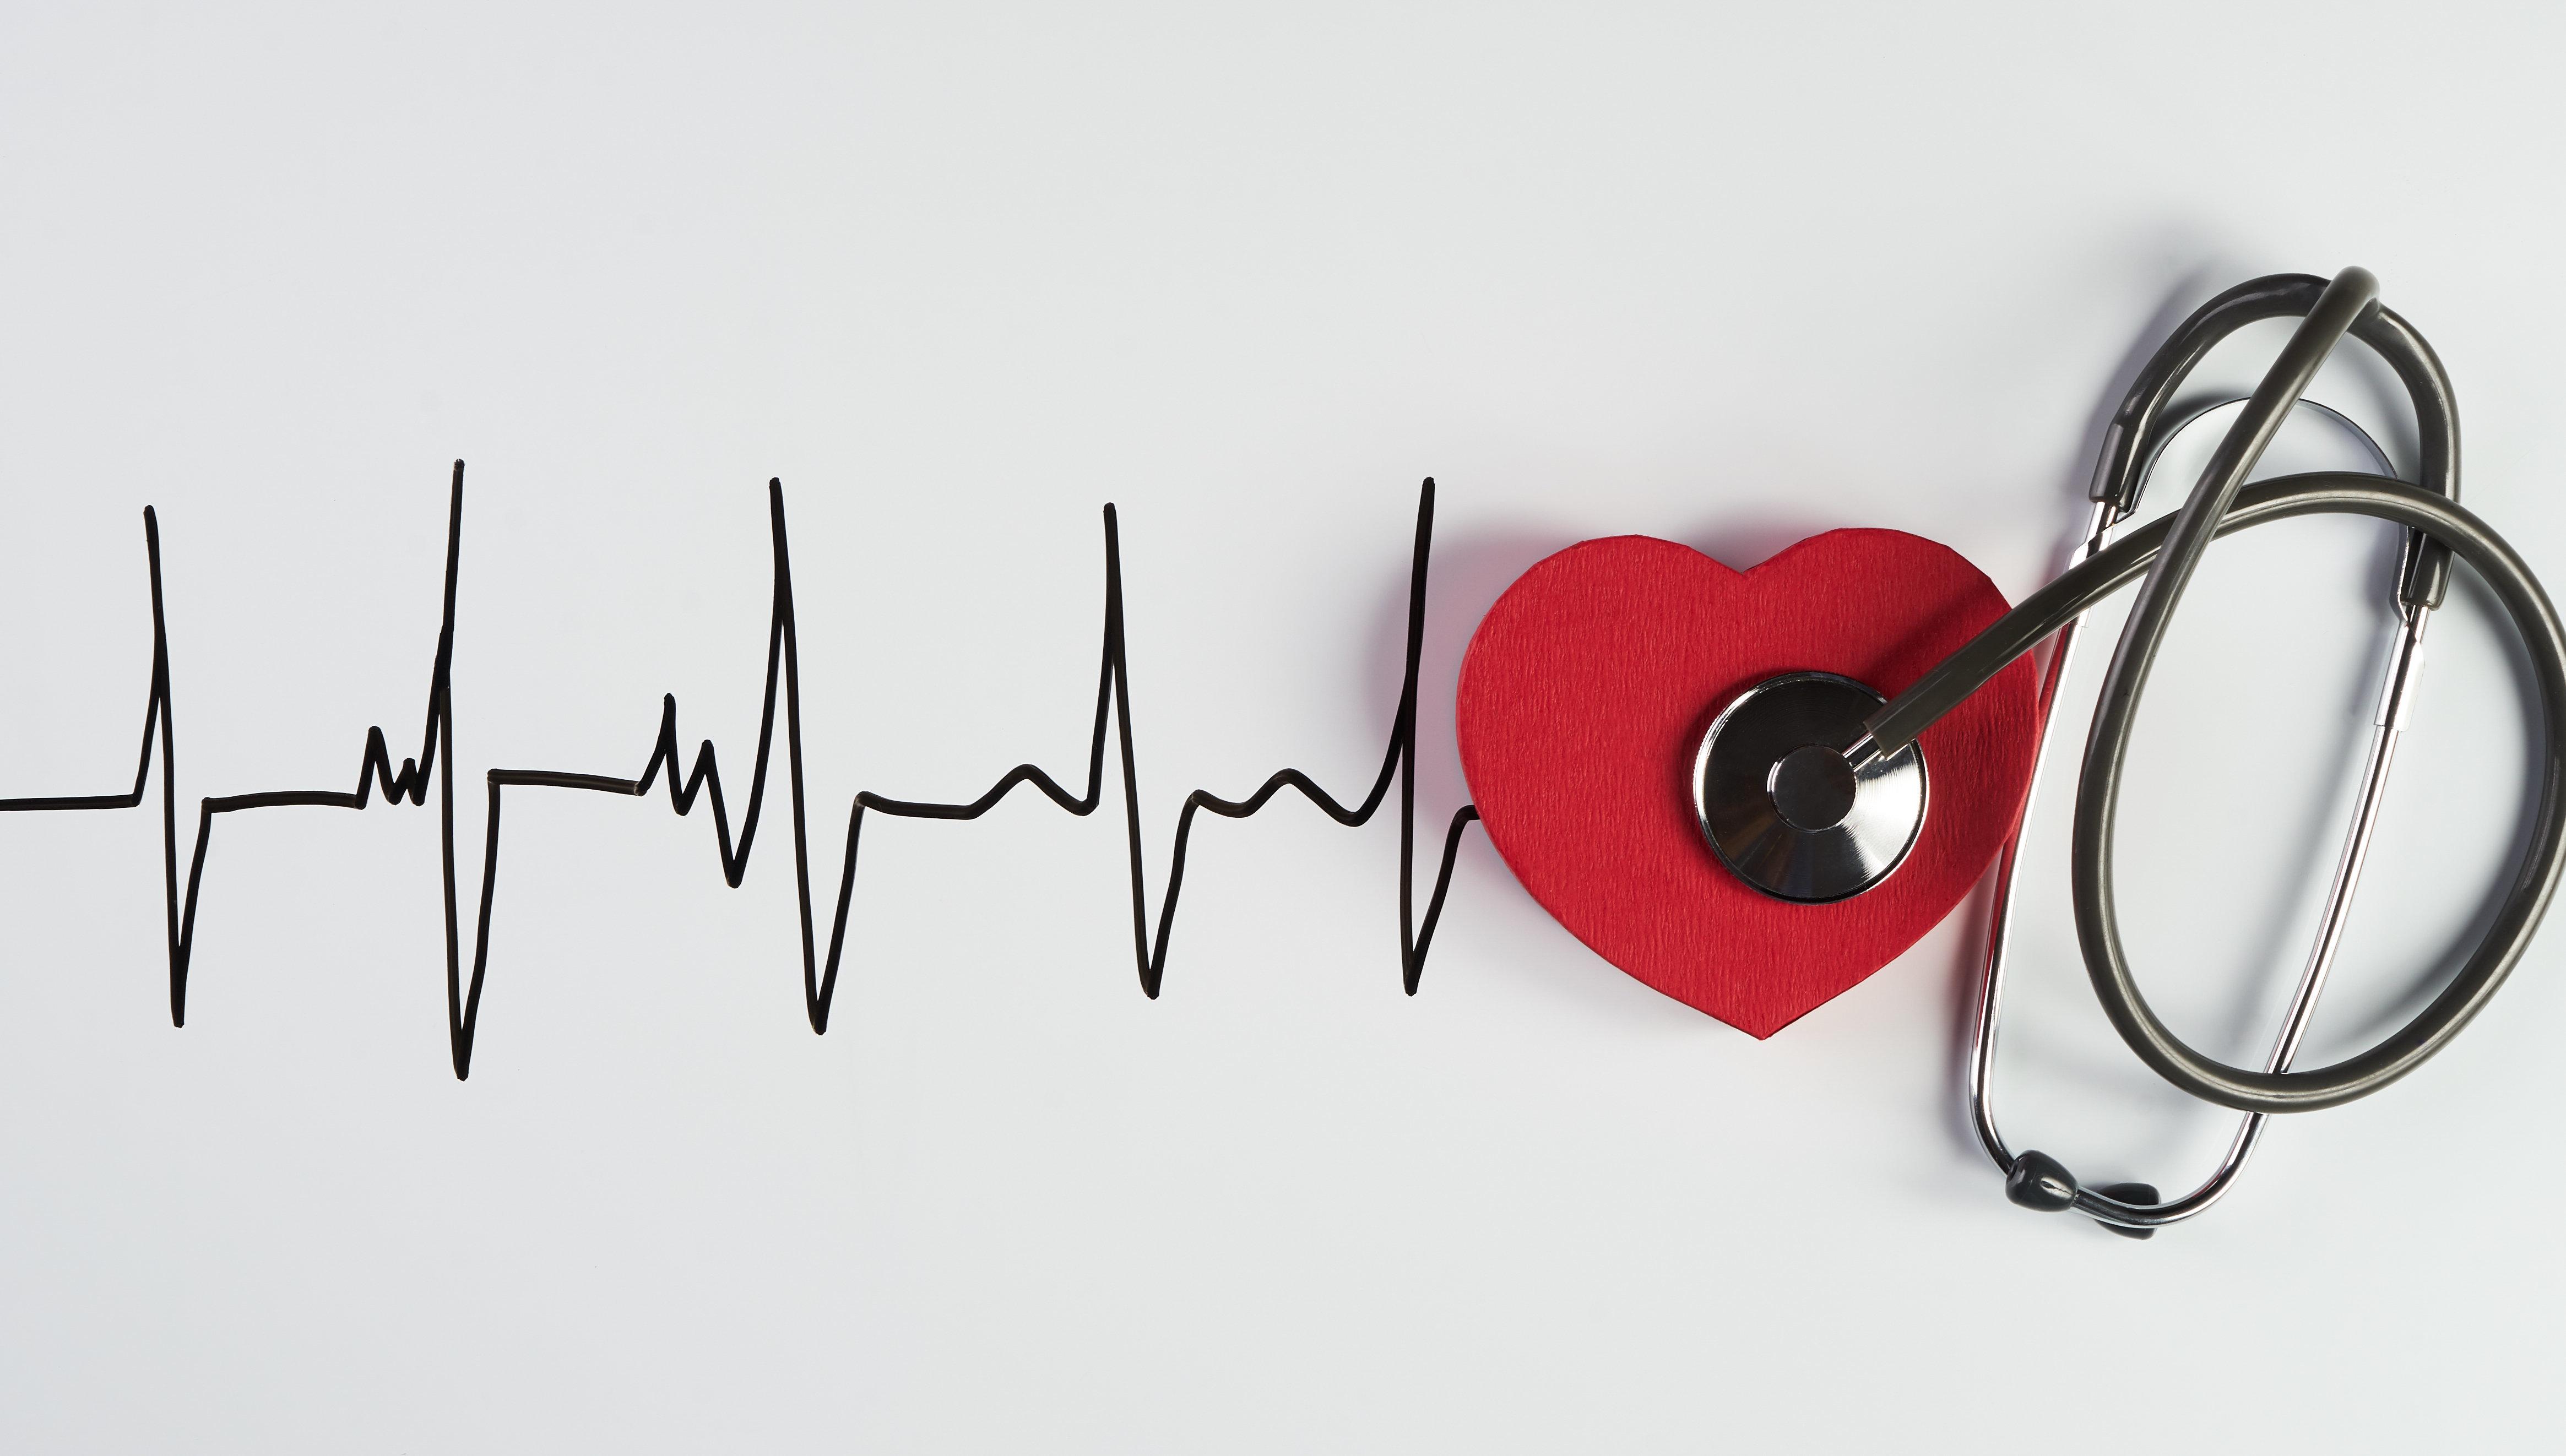 Le ministère de la Santé appelle les patients ayant implanté des pacemakers Medtronic à consulter leurs